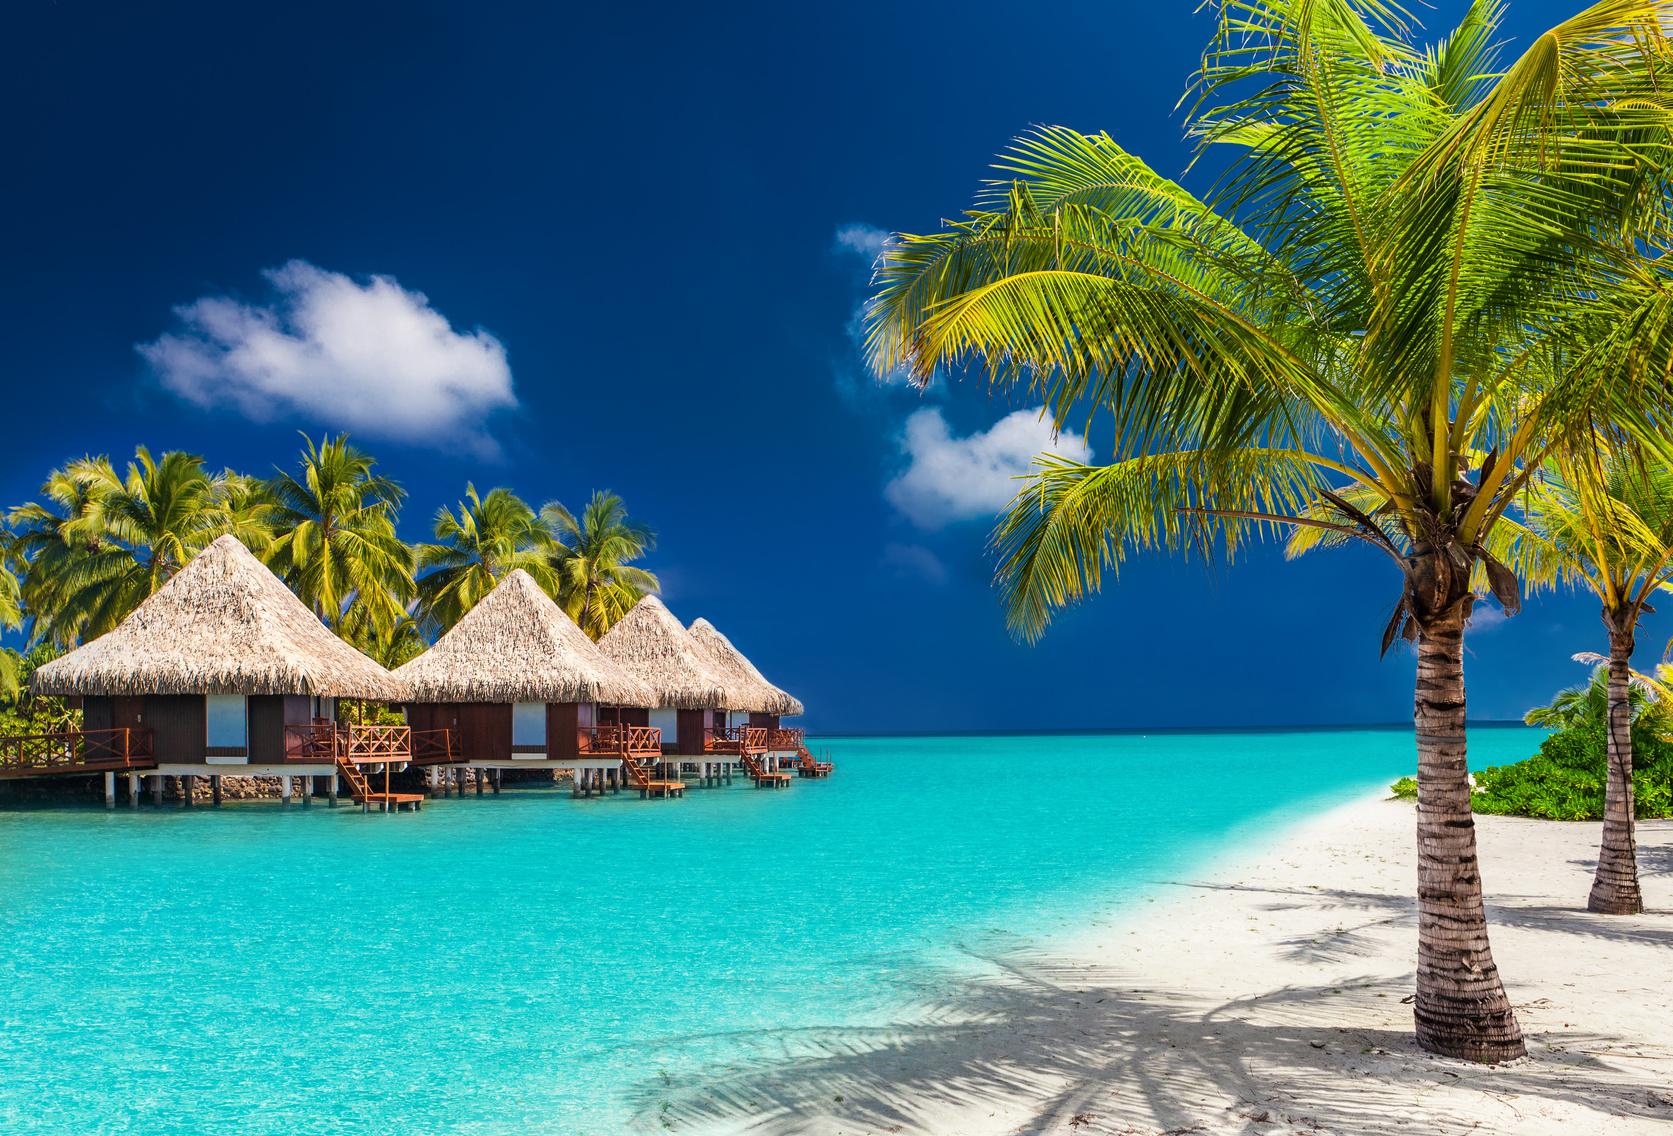 OTP Travel Utazási Iroda- Legjobb NÁSZUTAK - Inspiráló nászutazások